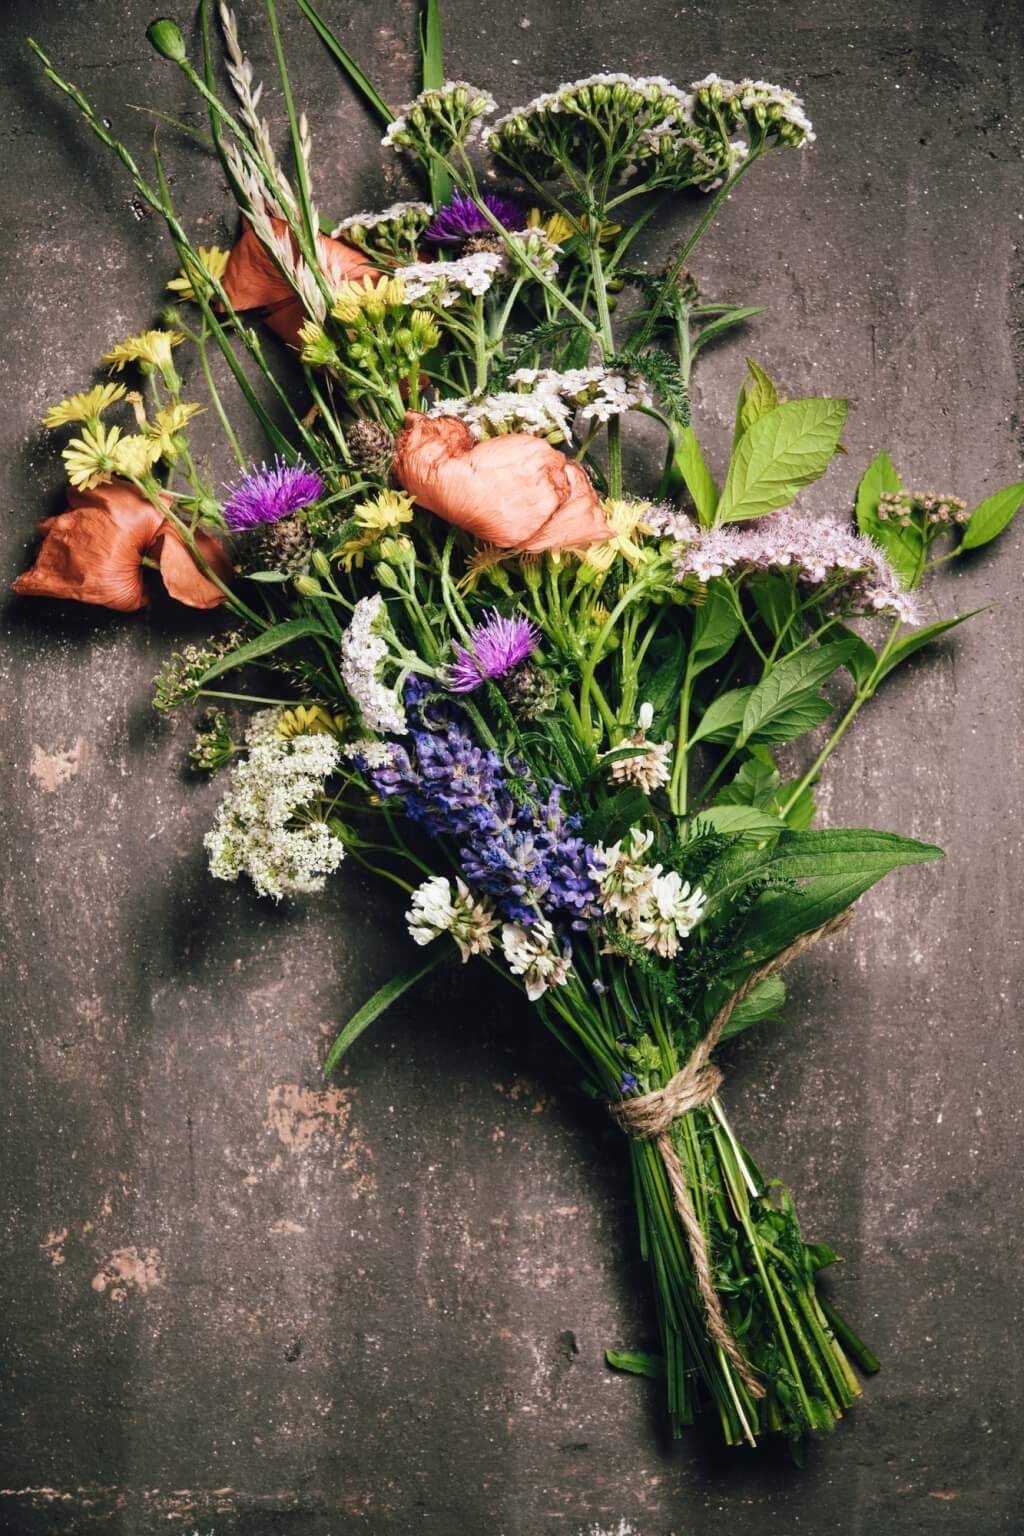 Wild flower bouquet on vintage background